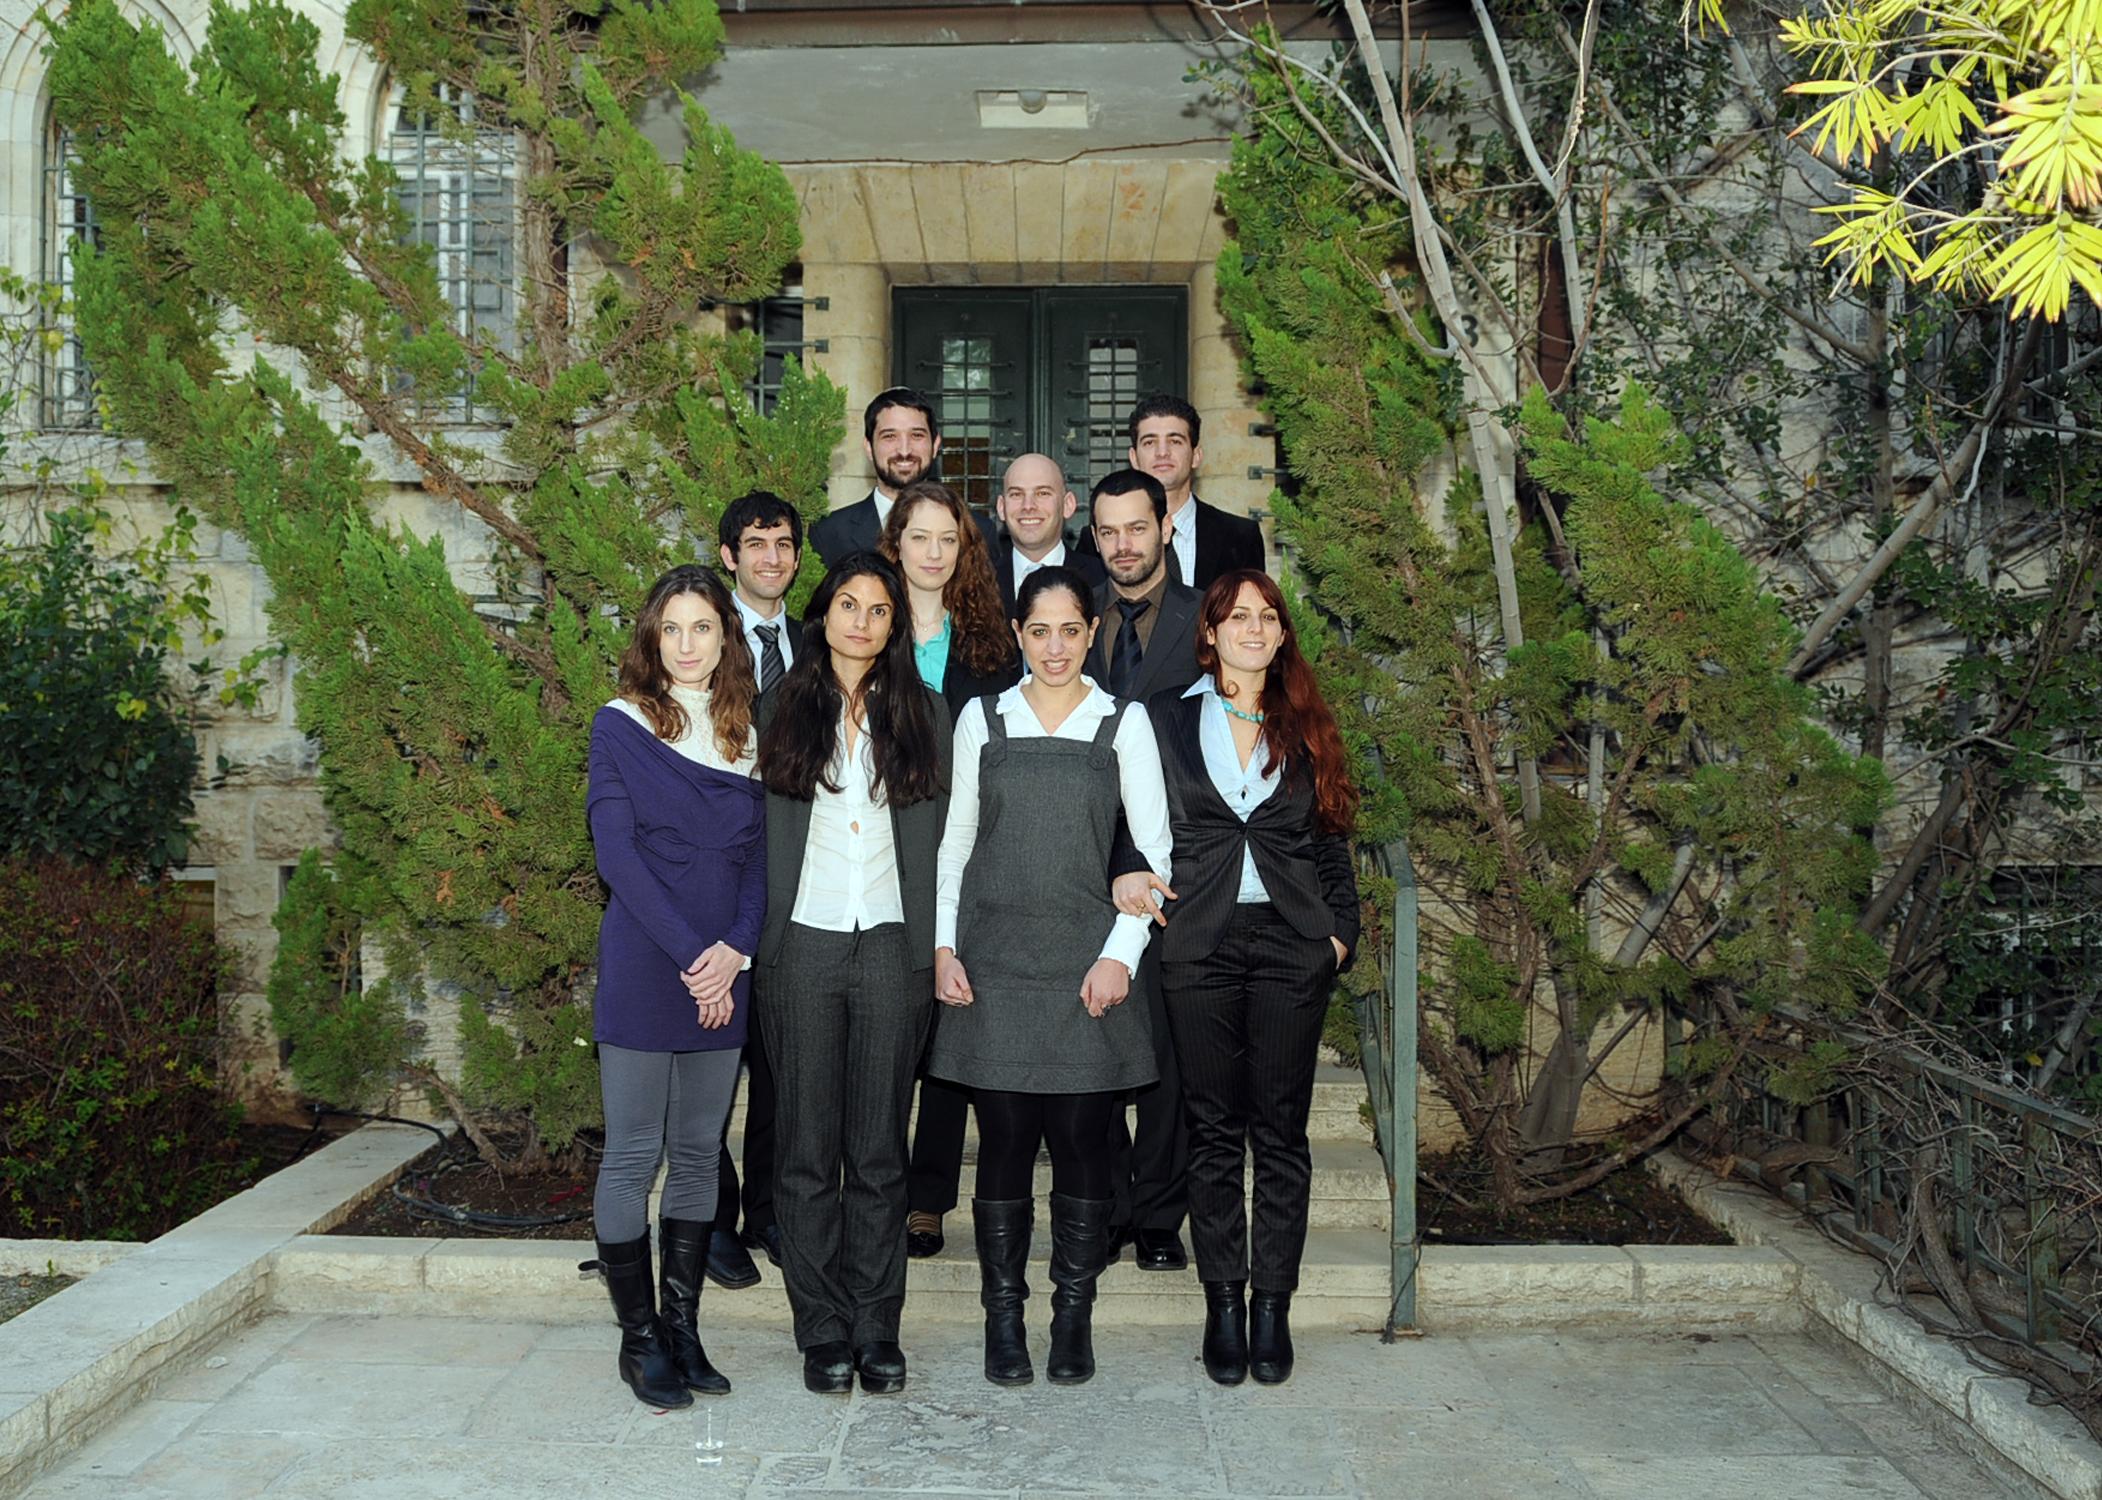 2008-9 Fellows Beit Milken